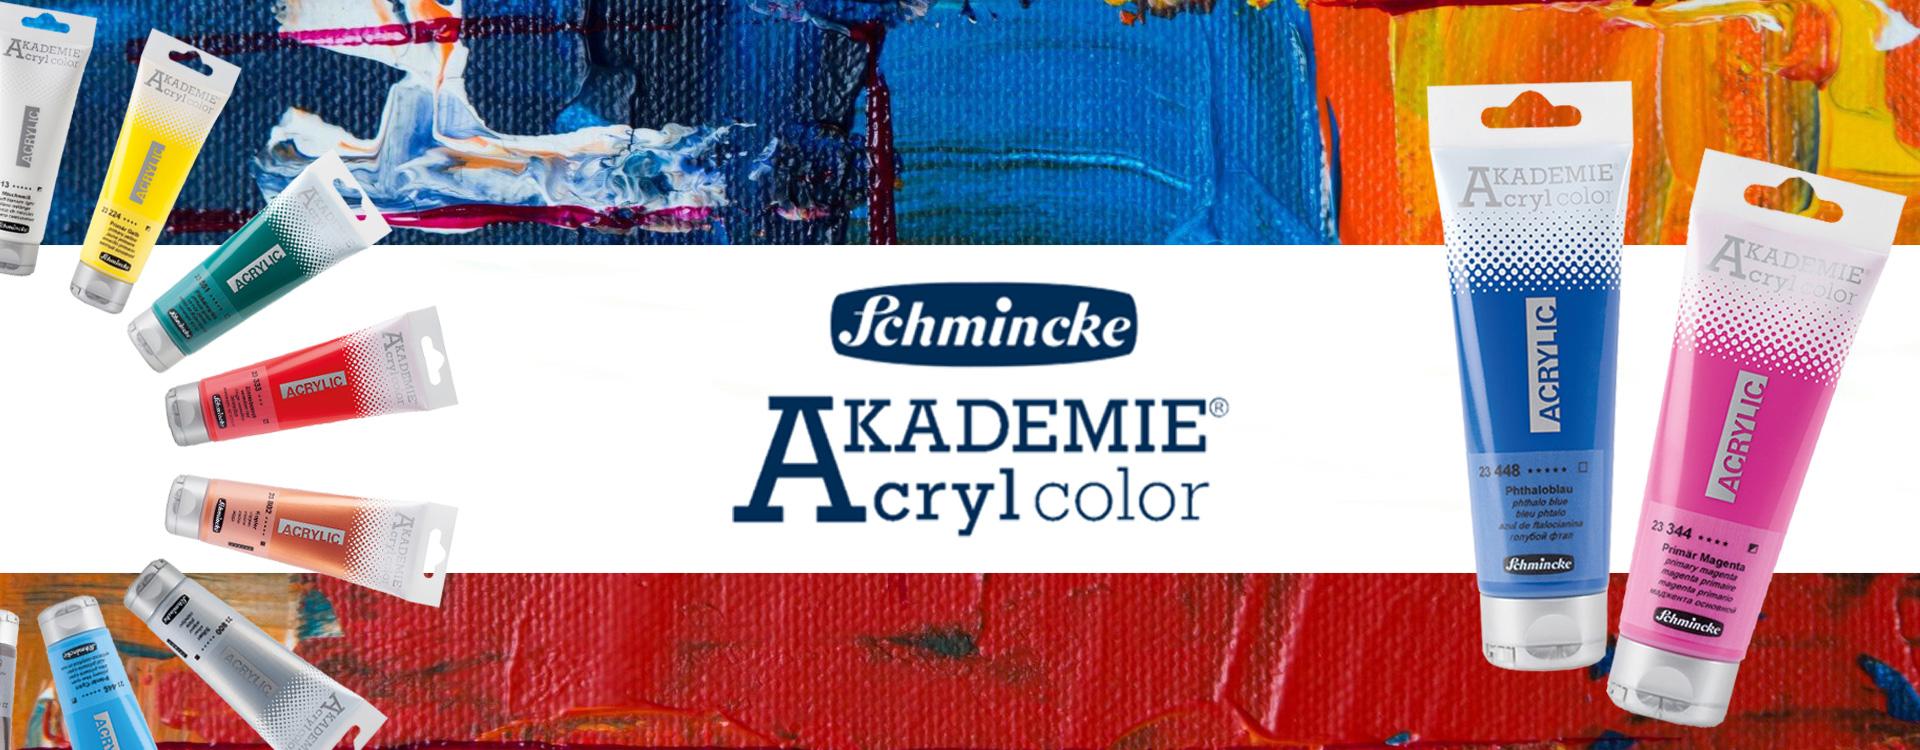 banner-acrilico-schmincke